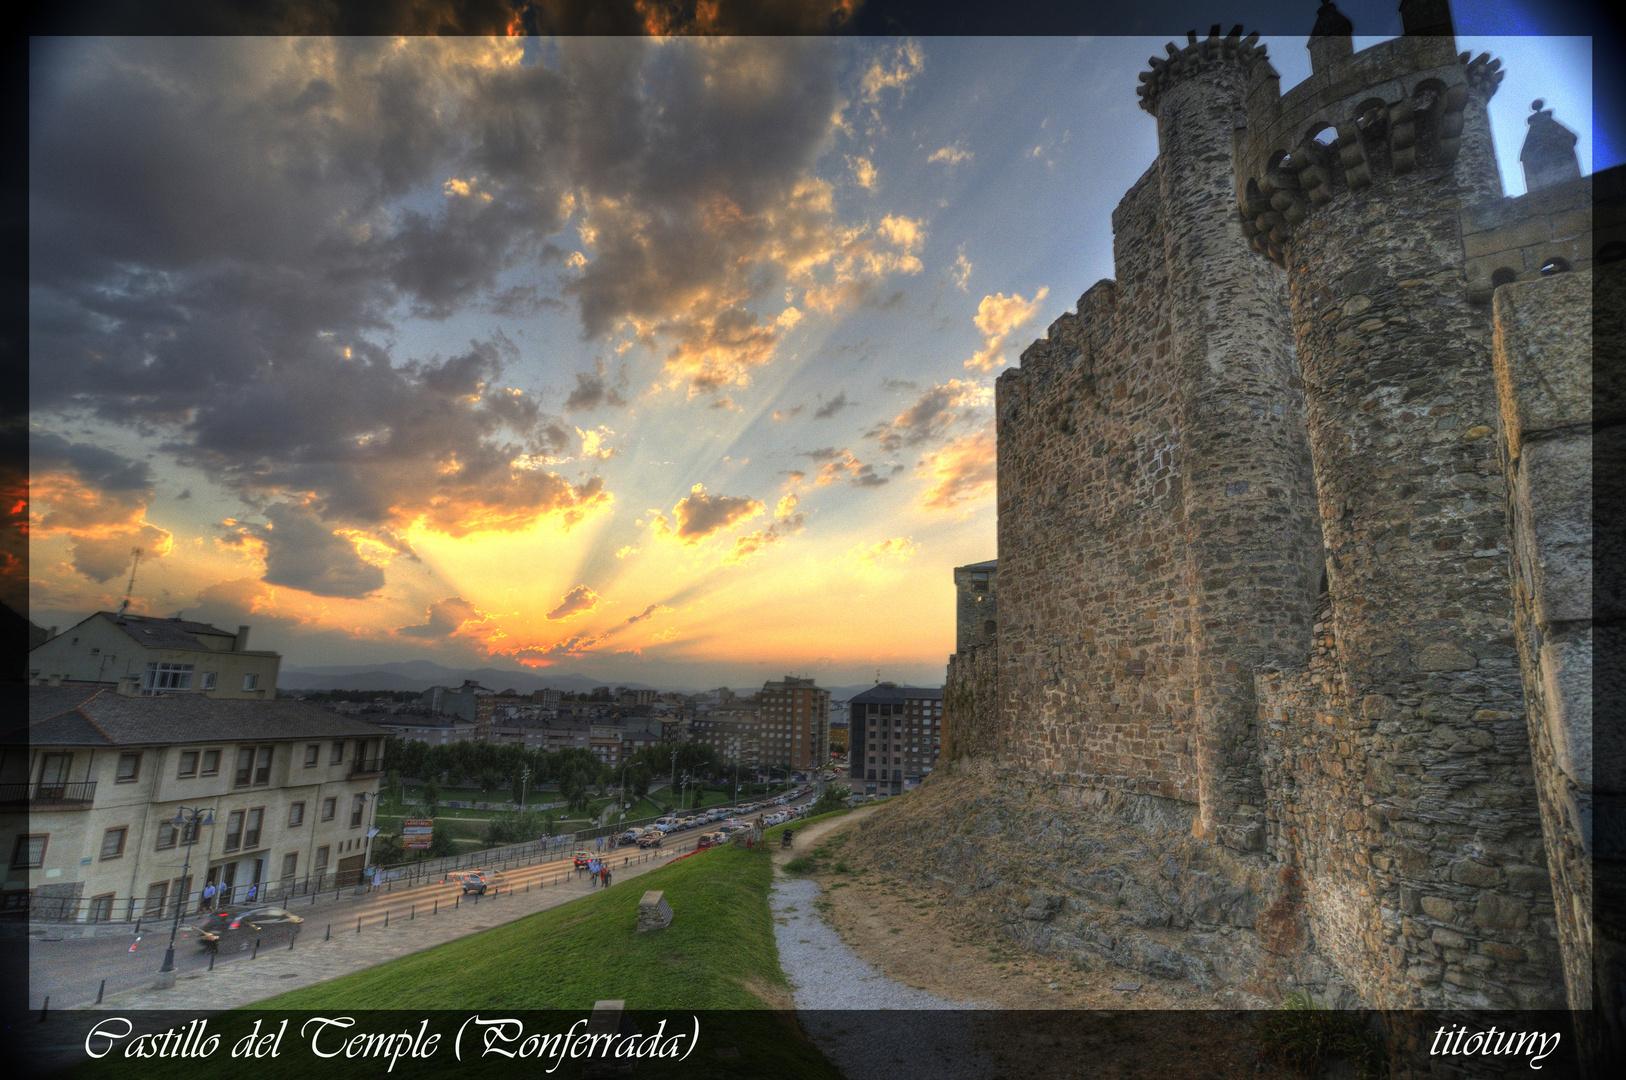 Castillo del Temple